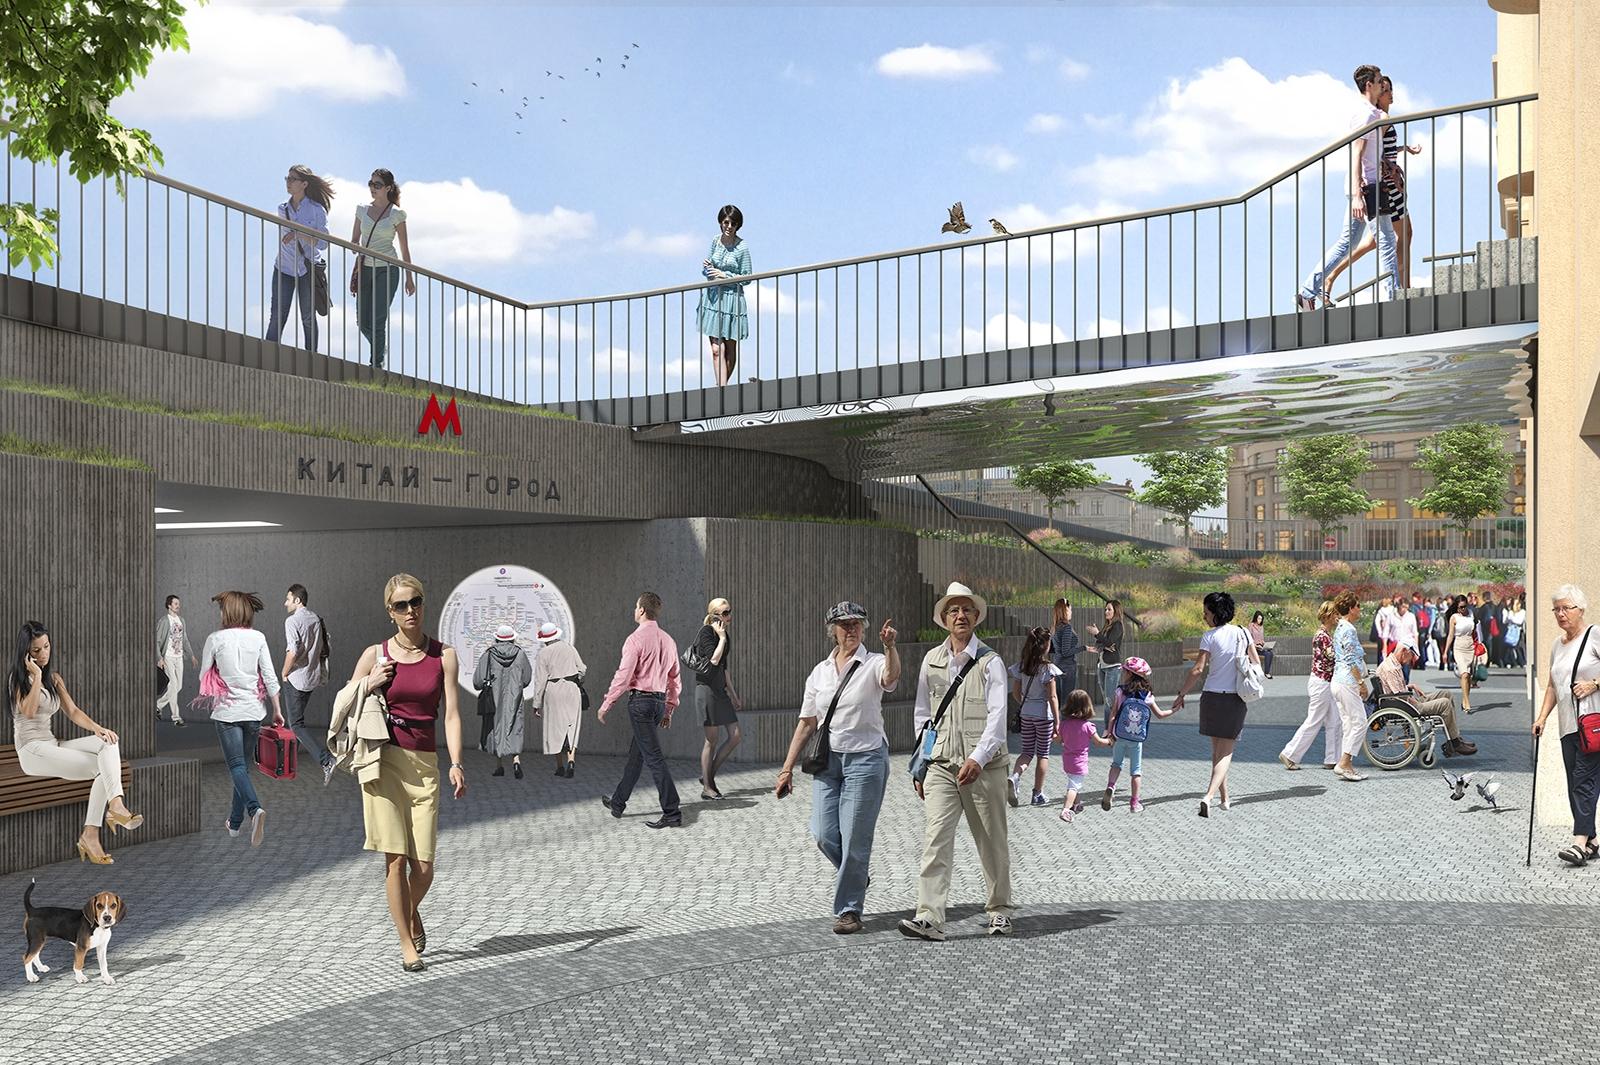 Сцена перед амфитеатром будет предназначена для проведения массовых культурных мероприятий